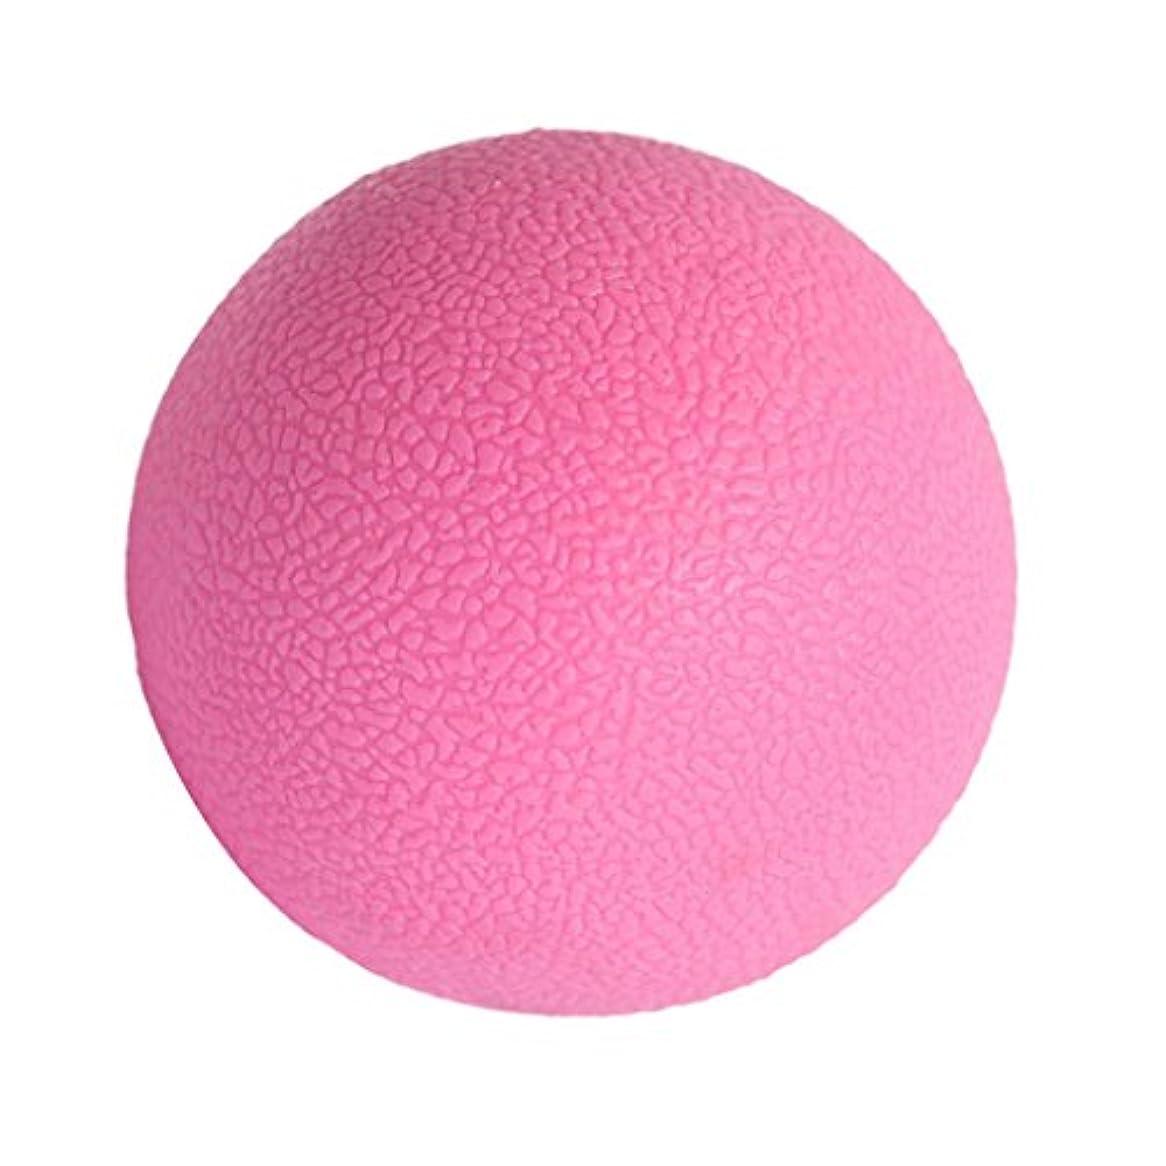 生き物伝説宇宙飛行士Kesoto マッサージボール ジムフィットネス 筋肉マッサージ ボール トリガーポイント 4色選べる - ピンク